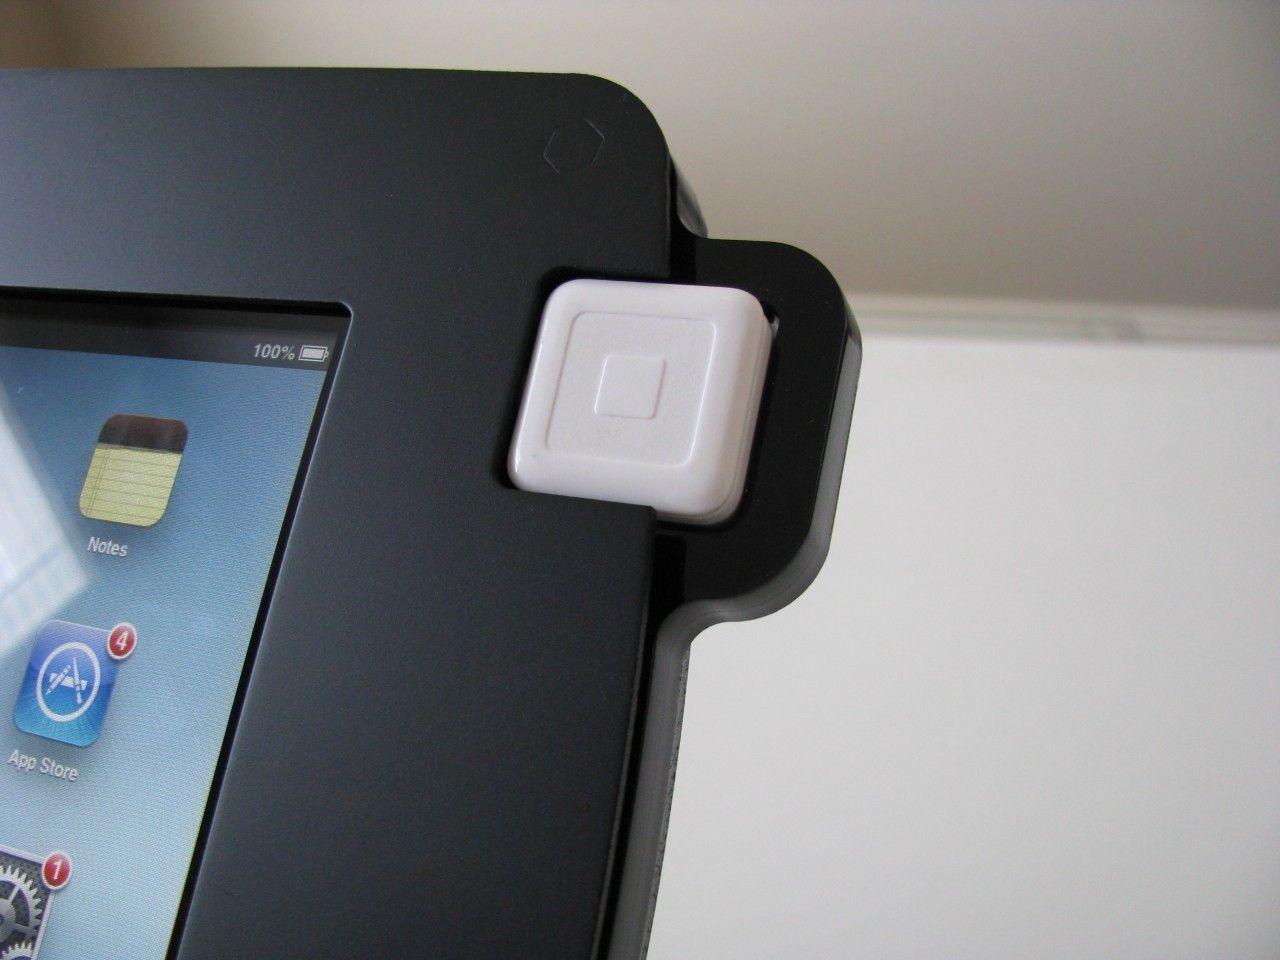 Revo swipe ipad enclosure black square card revo